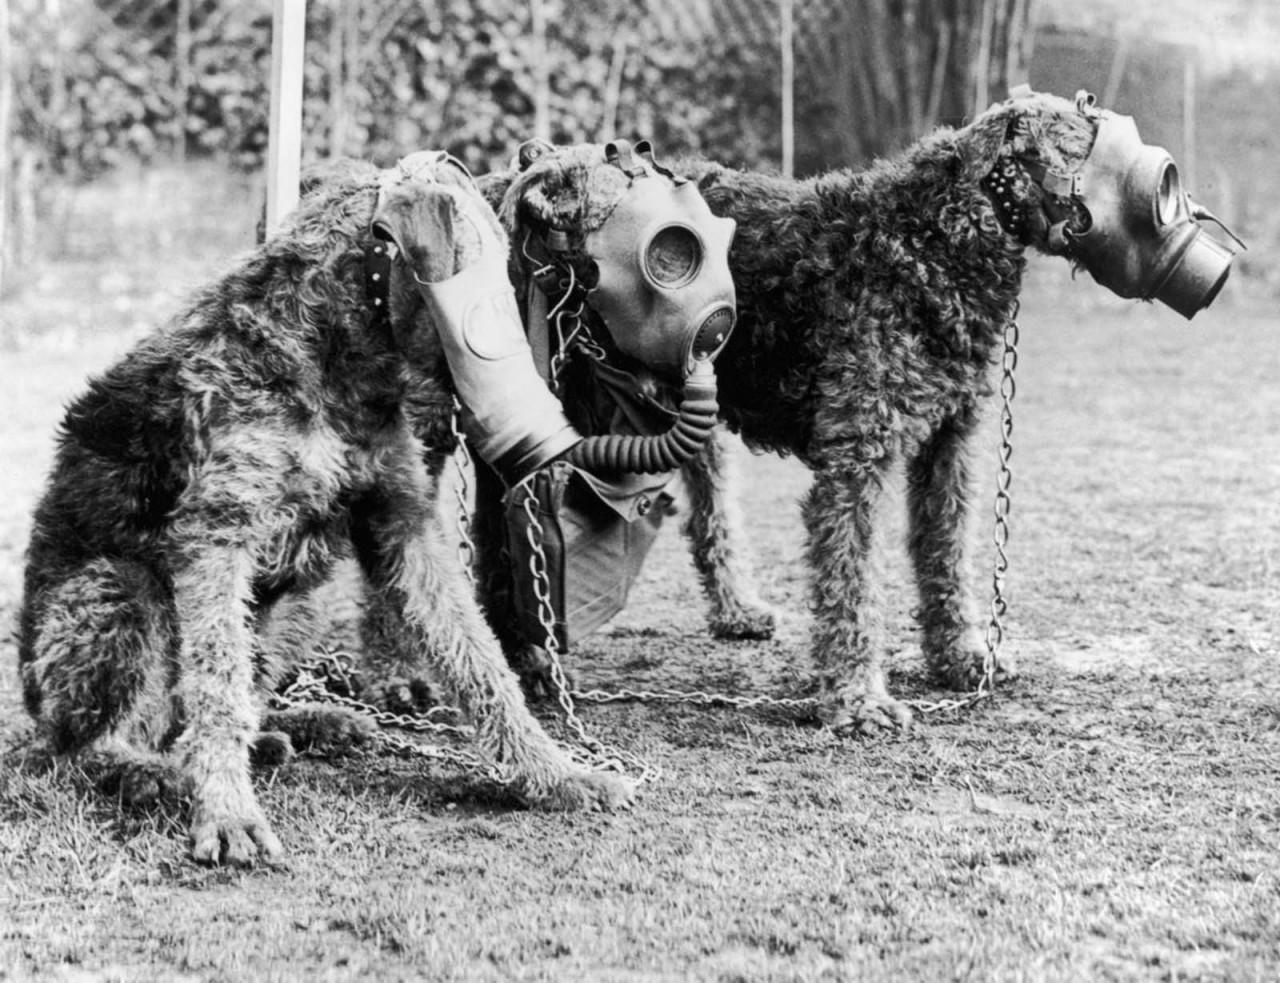 Военные собаки времён Первой мировой в роли постовых, разведчиков, крысоловов и талисманов